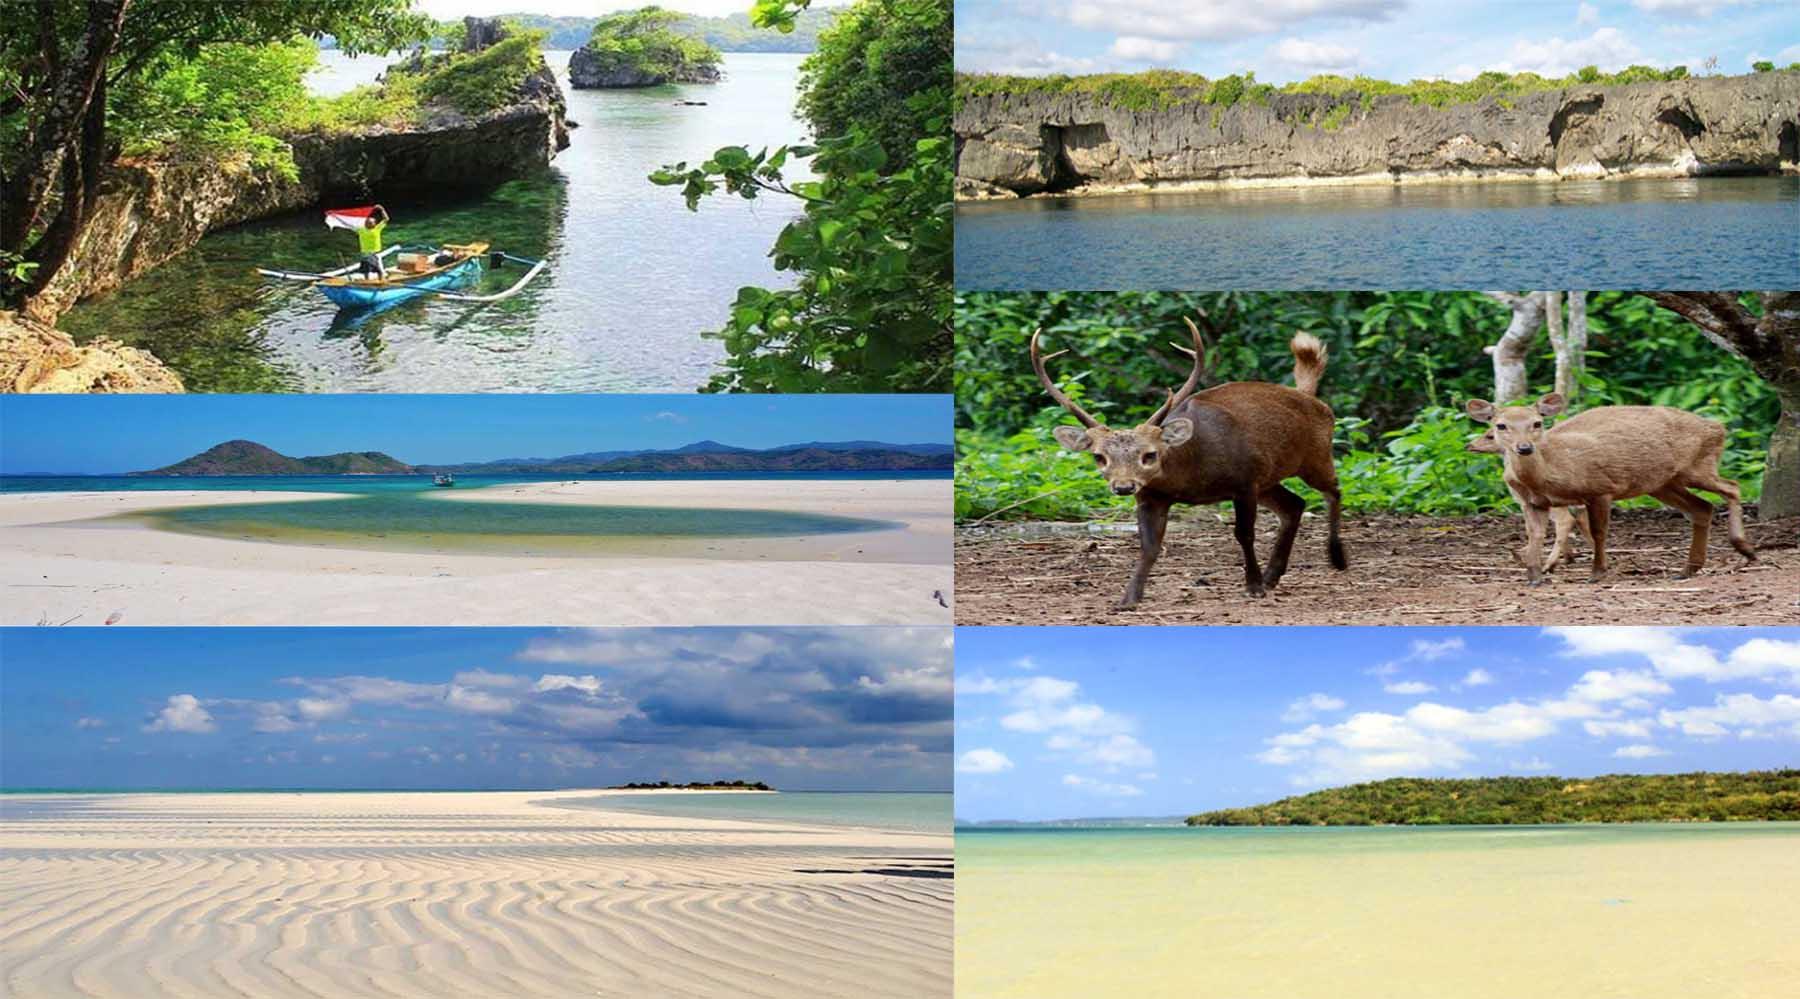 Pulau Bawean Surga Tersembunyi Jawa Timur 548669 Tidak Rusa Langka